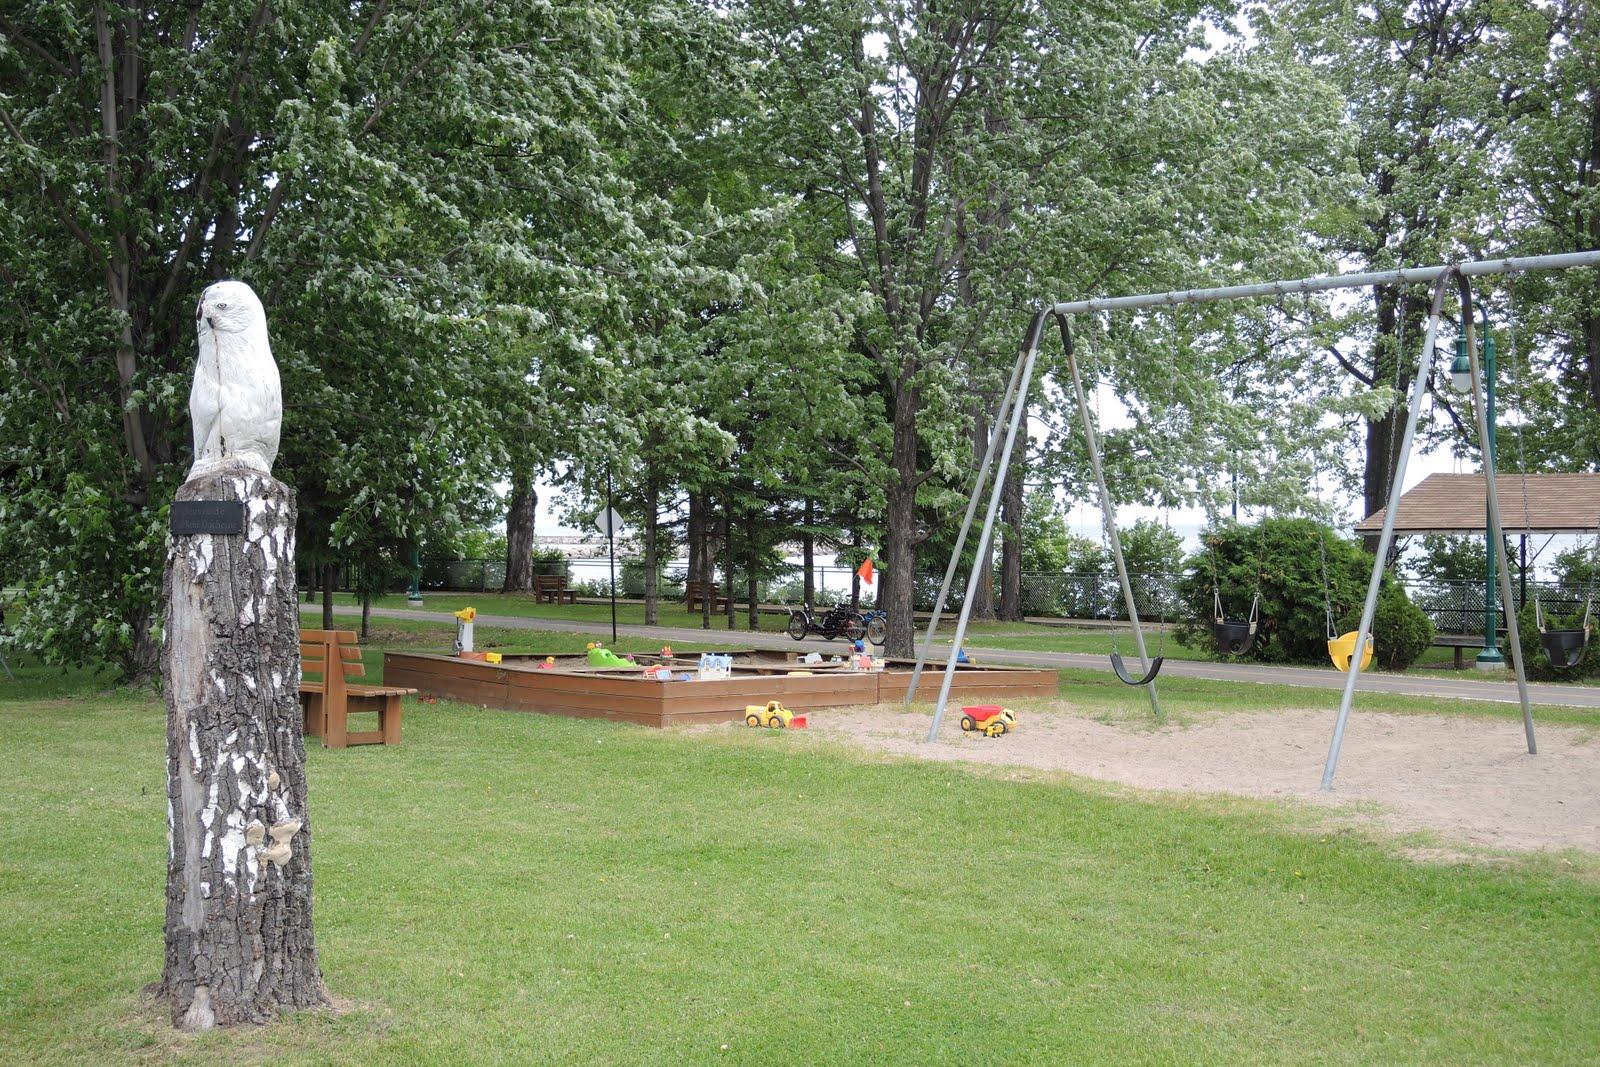 Un parc avec des jeux pour les enfants